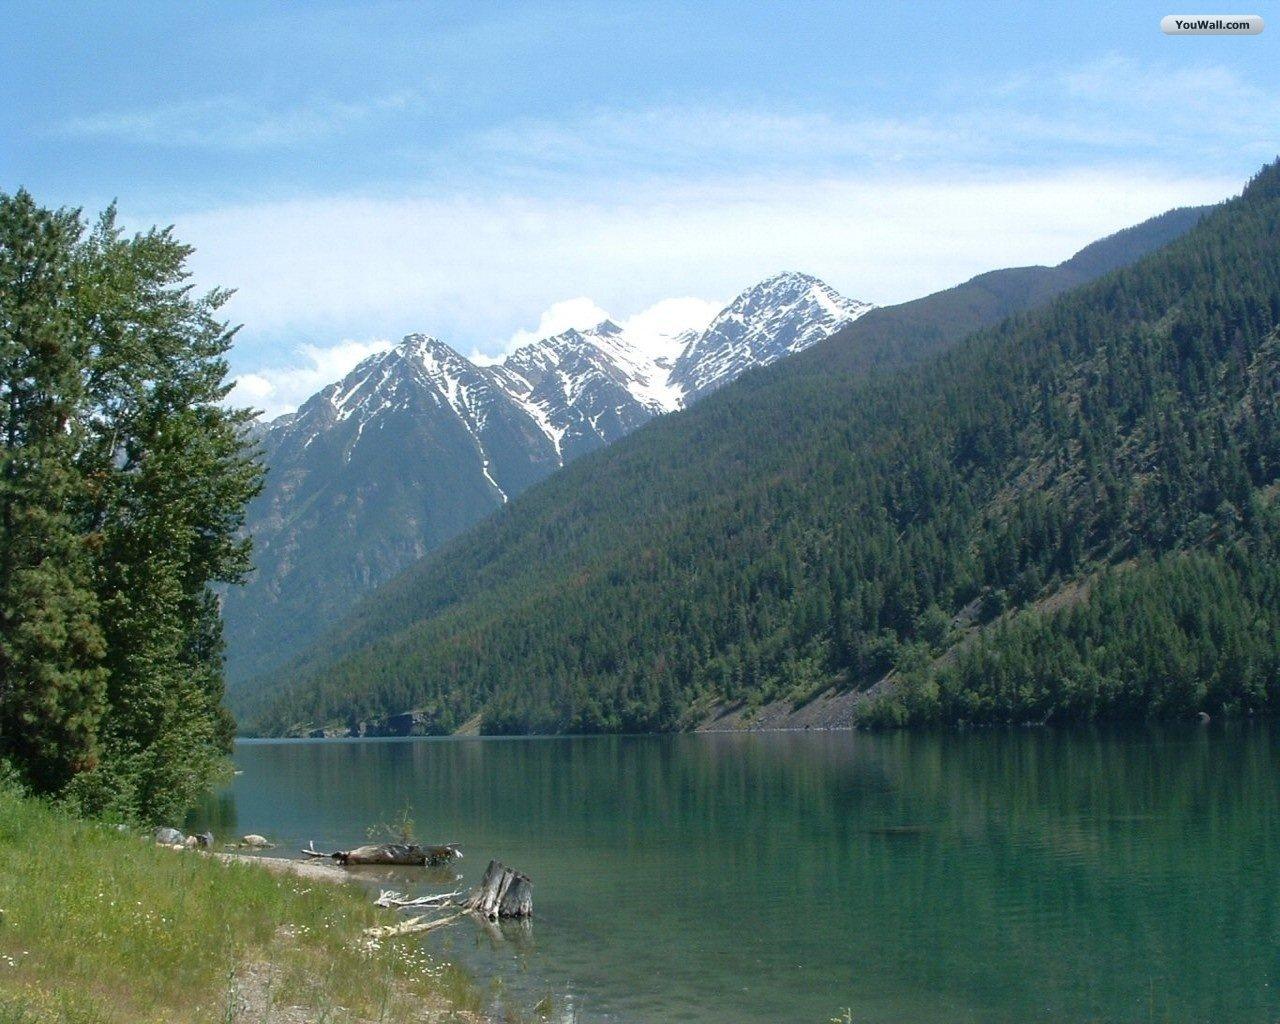 Green Mountain Lake Wallpaper   wallpaperwallpapersfree wallpaper 1280x1024